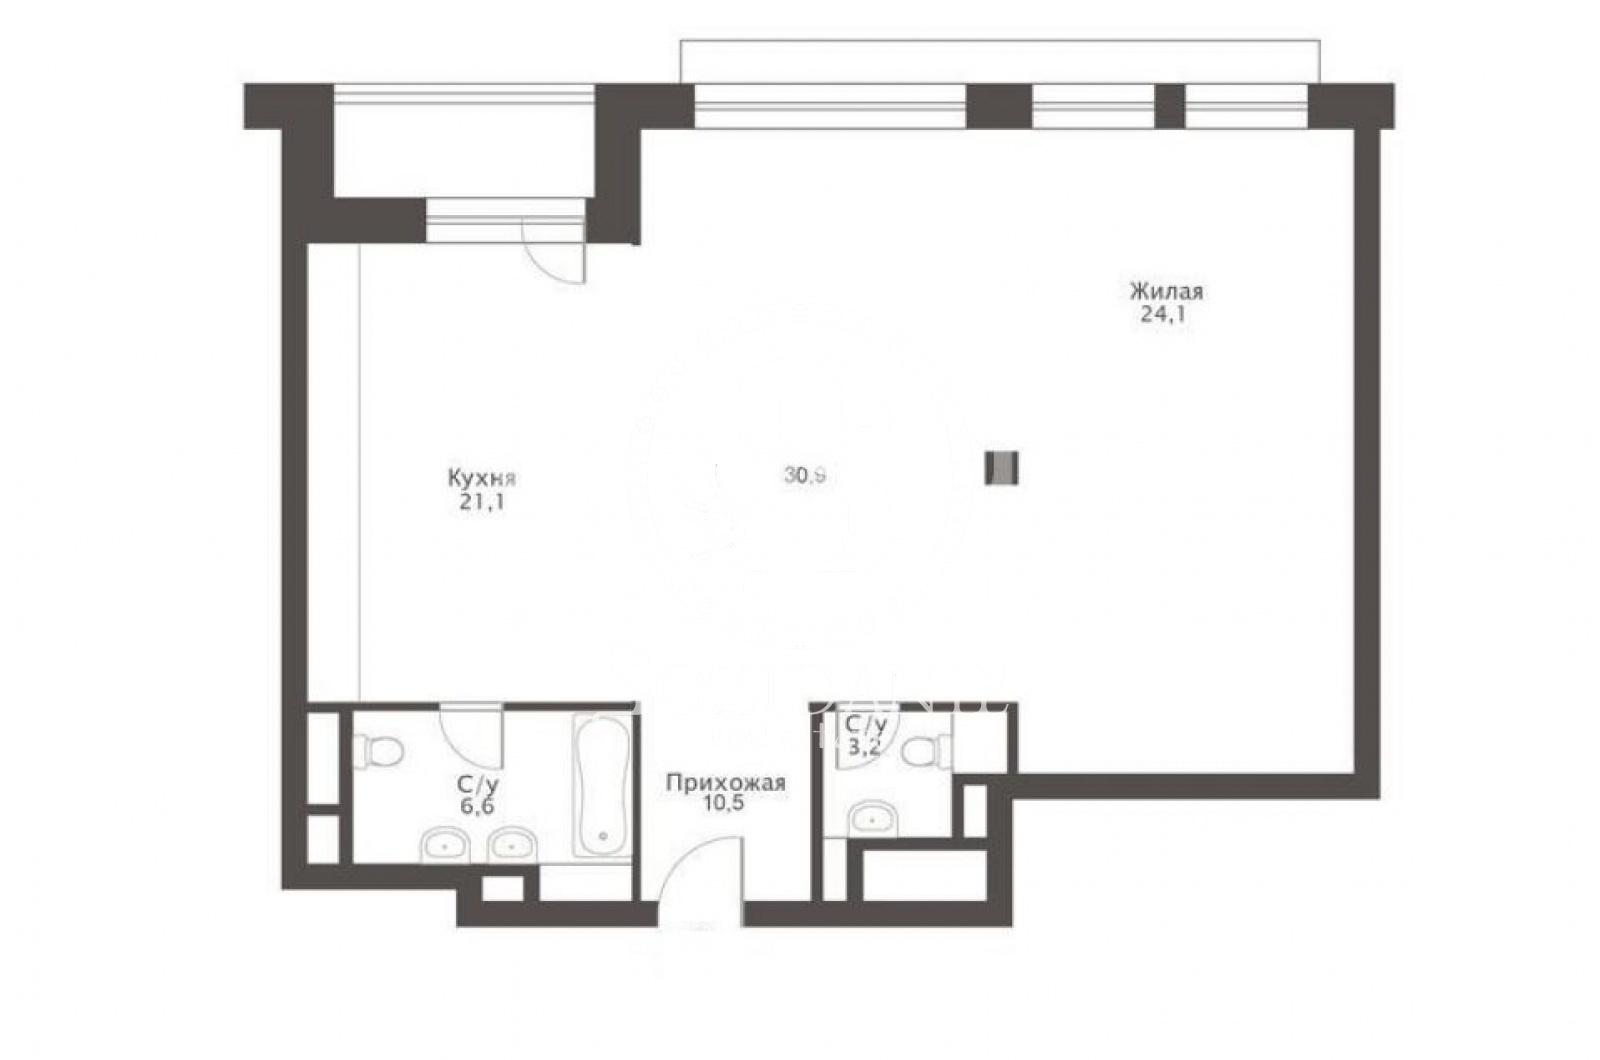 3 Комнаты, Городская, Продажа, Улица Льва Толстого, Listing ID 4090, Москва, Россия,